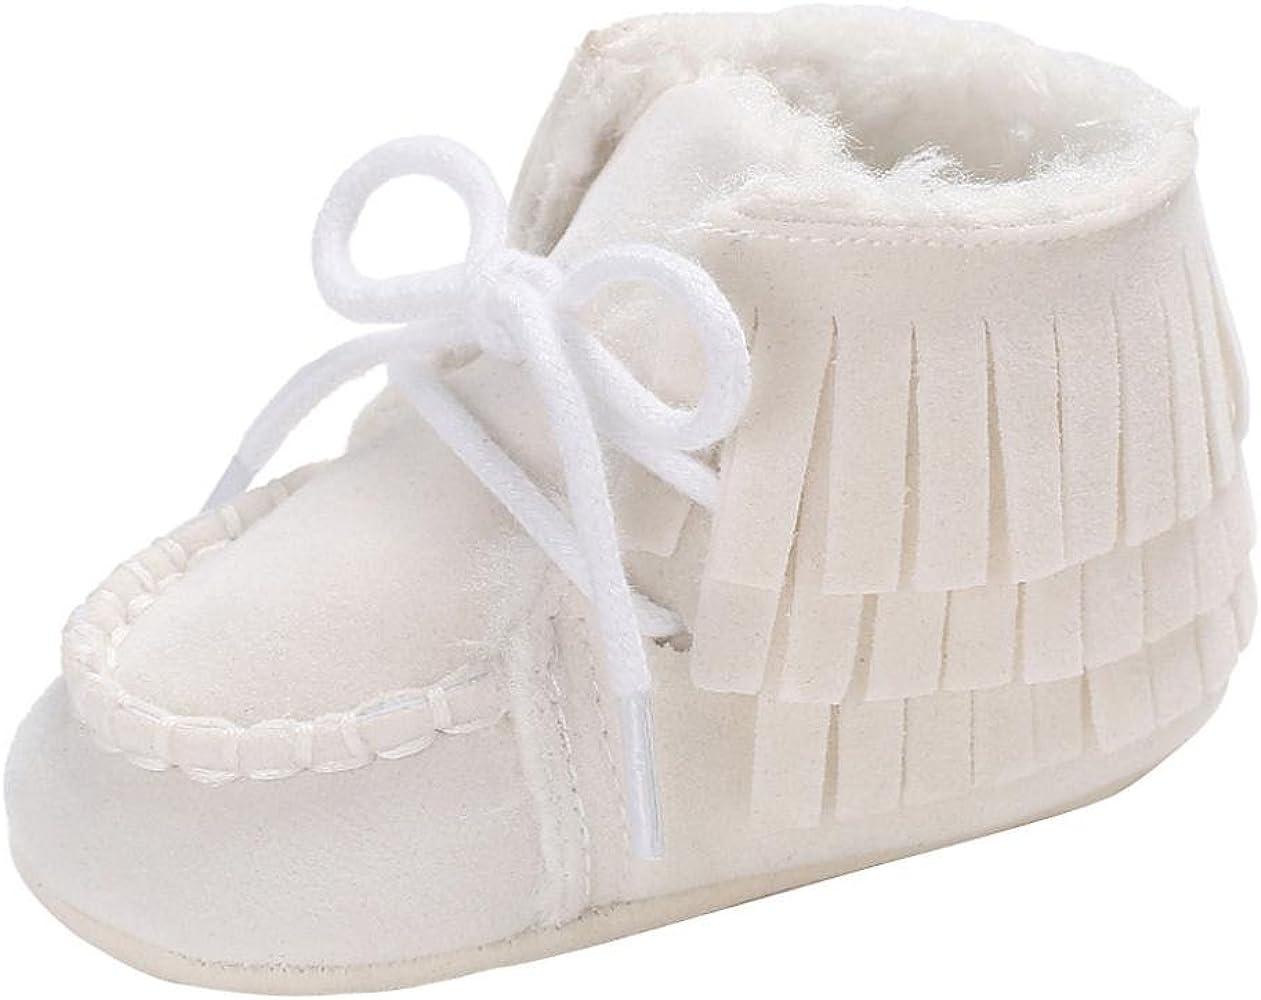 70f7bec2af29a0 Longra Bébé Fille Garçon Chaussures Premiers Pas Hiver Ultra Épais Chaud  Doux Bottines Chaussure pour Enfant